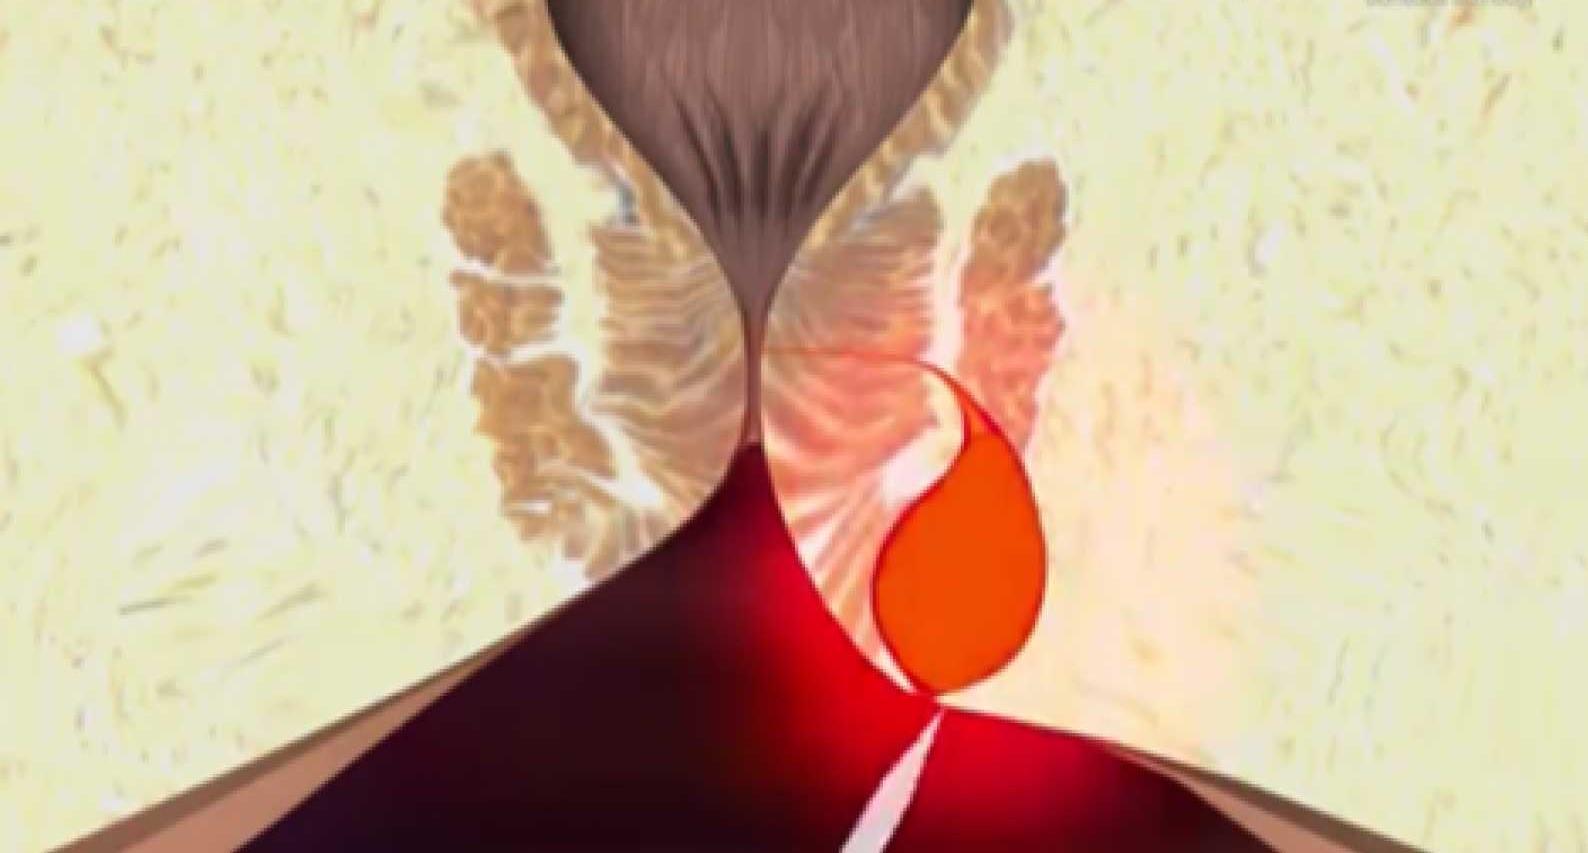 Τι προκαλεί πρωκτικό συρίγγιο;